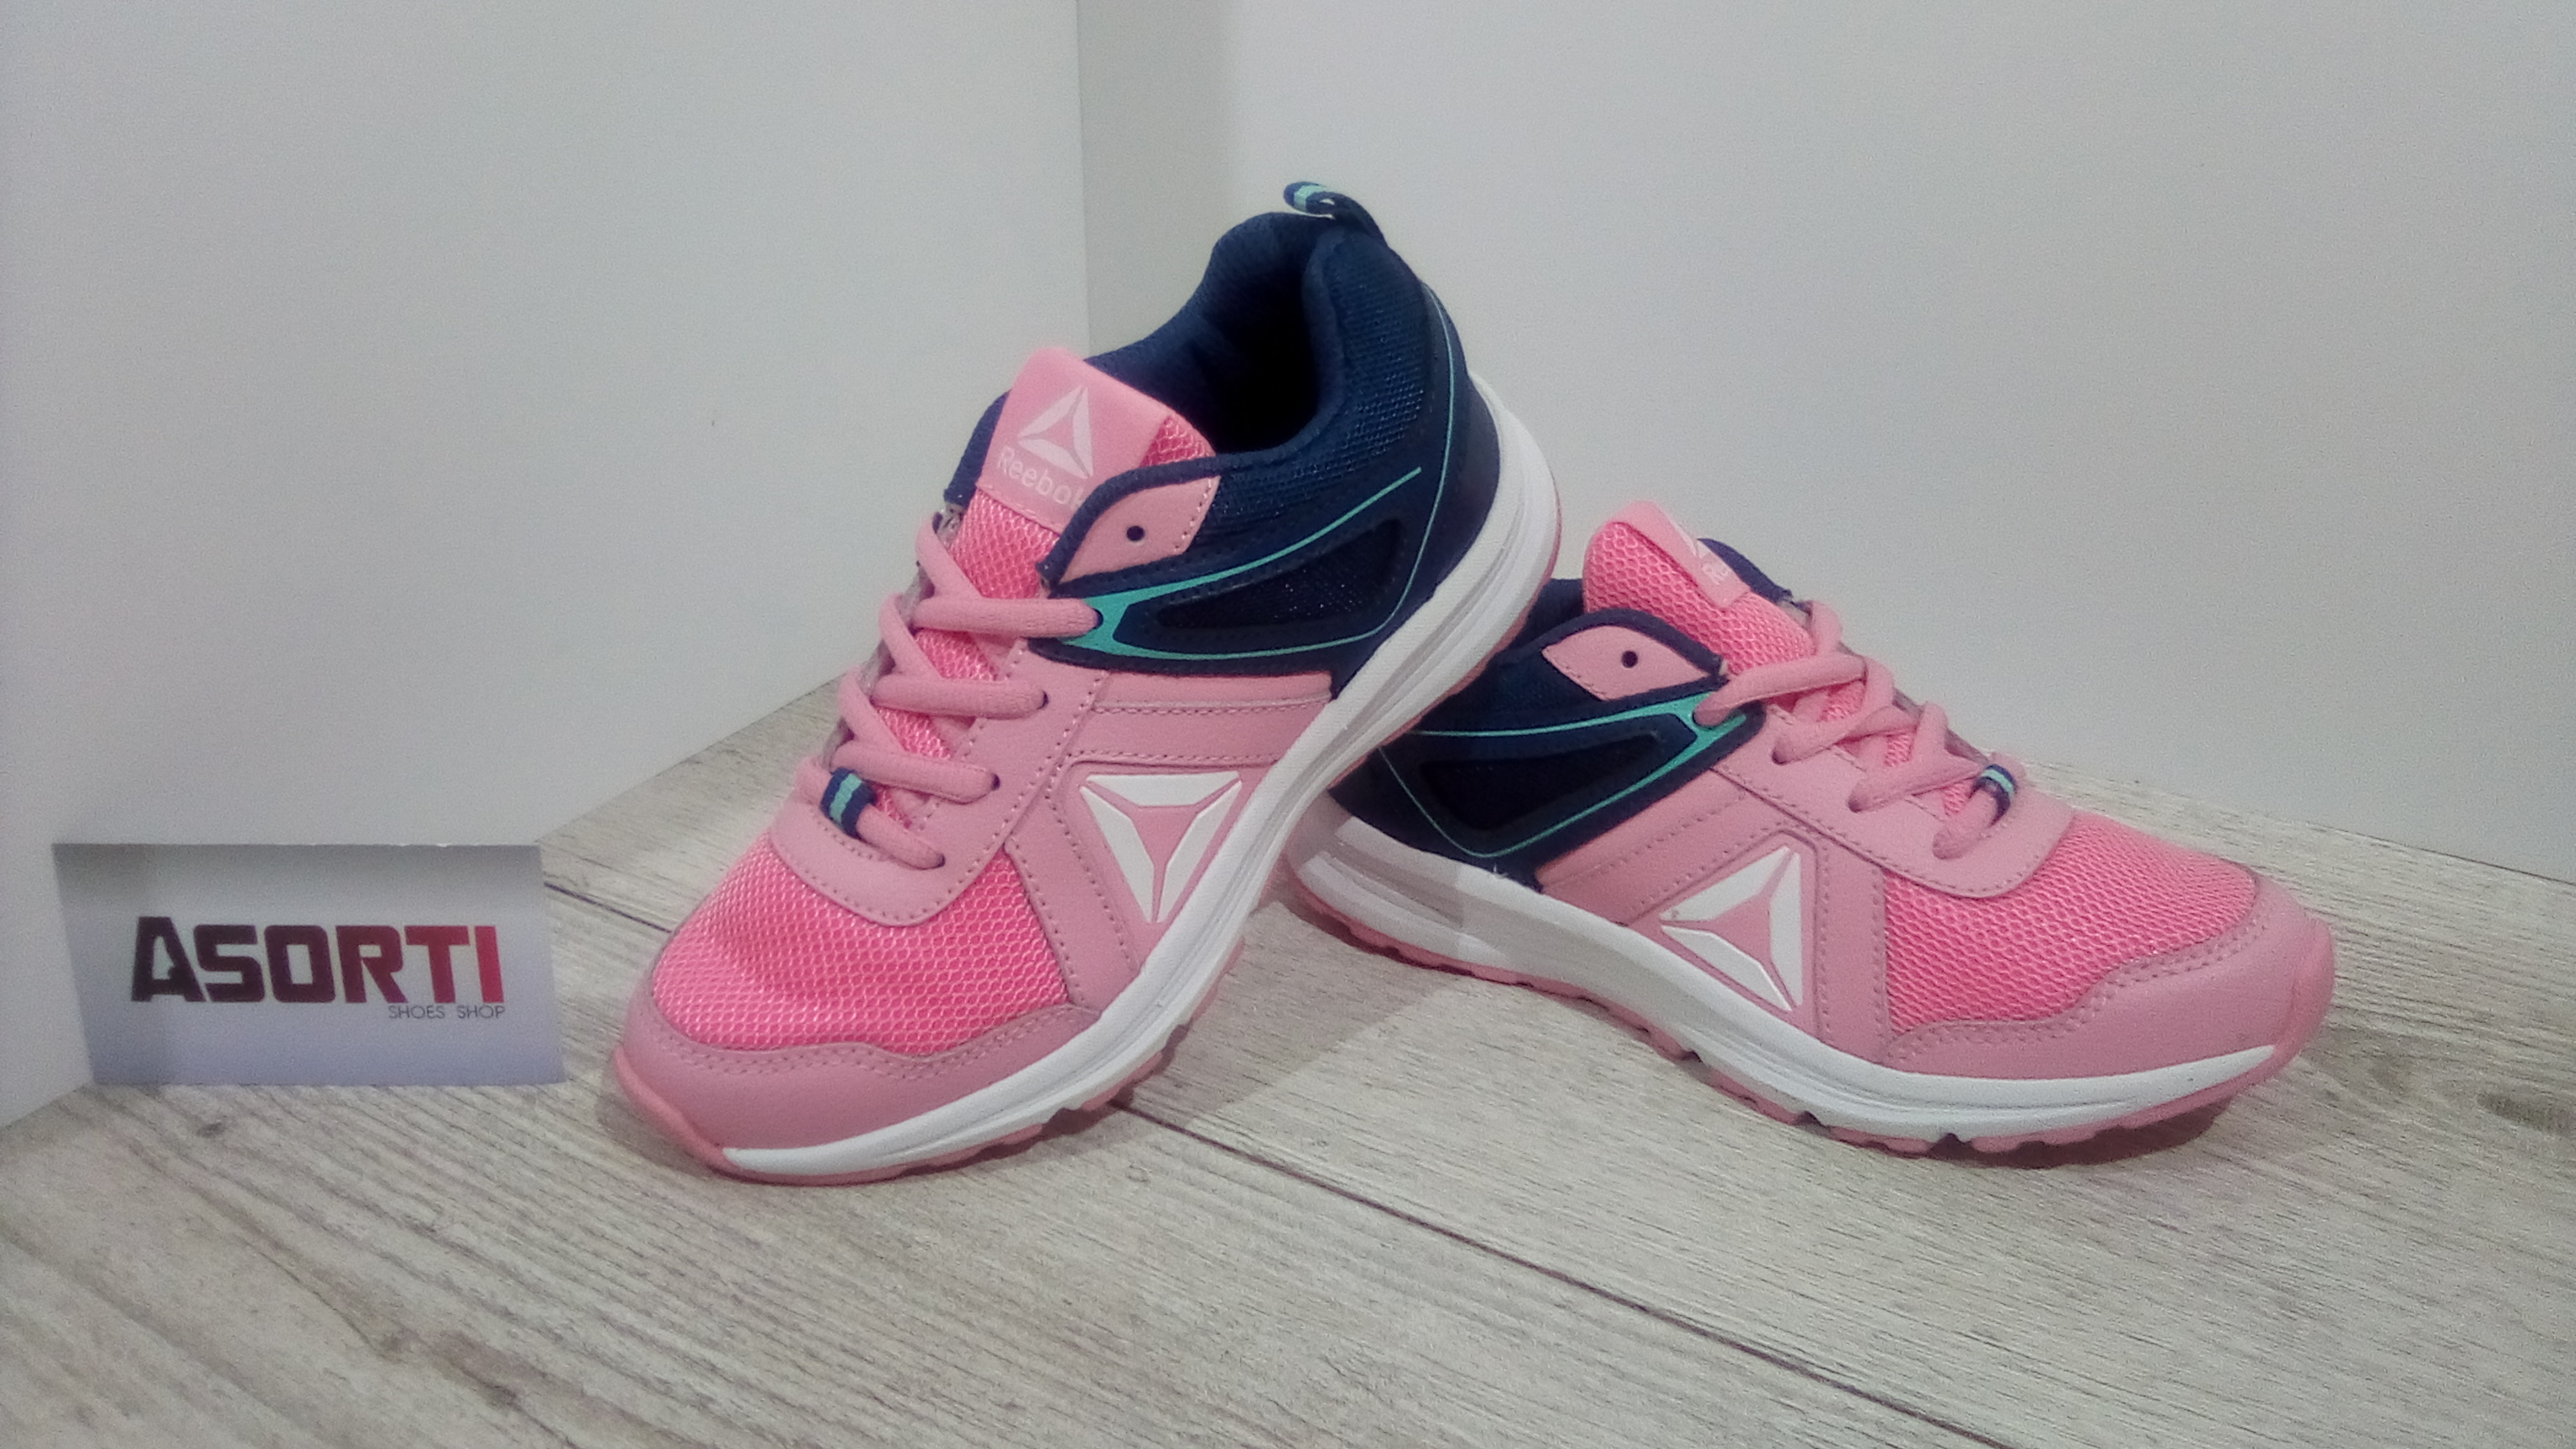 c9e1685b Детские кроссовки Reebok Almotio 3.0 (CN0893) синие/розовые купить в ...